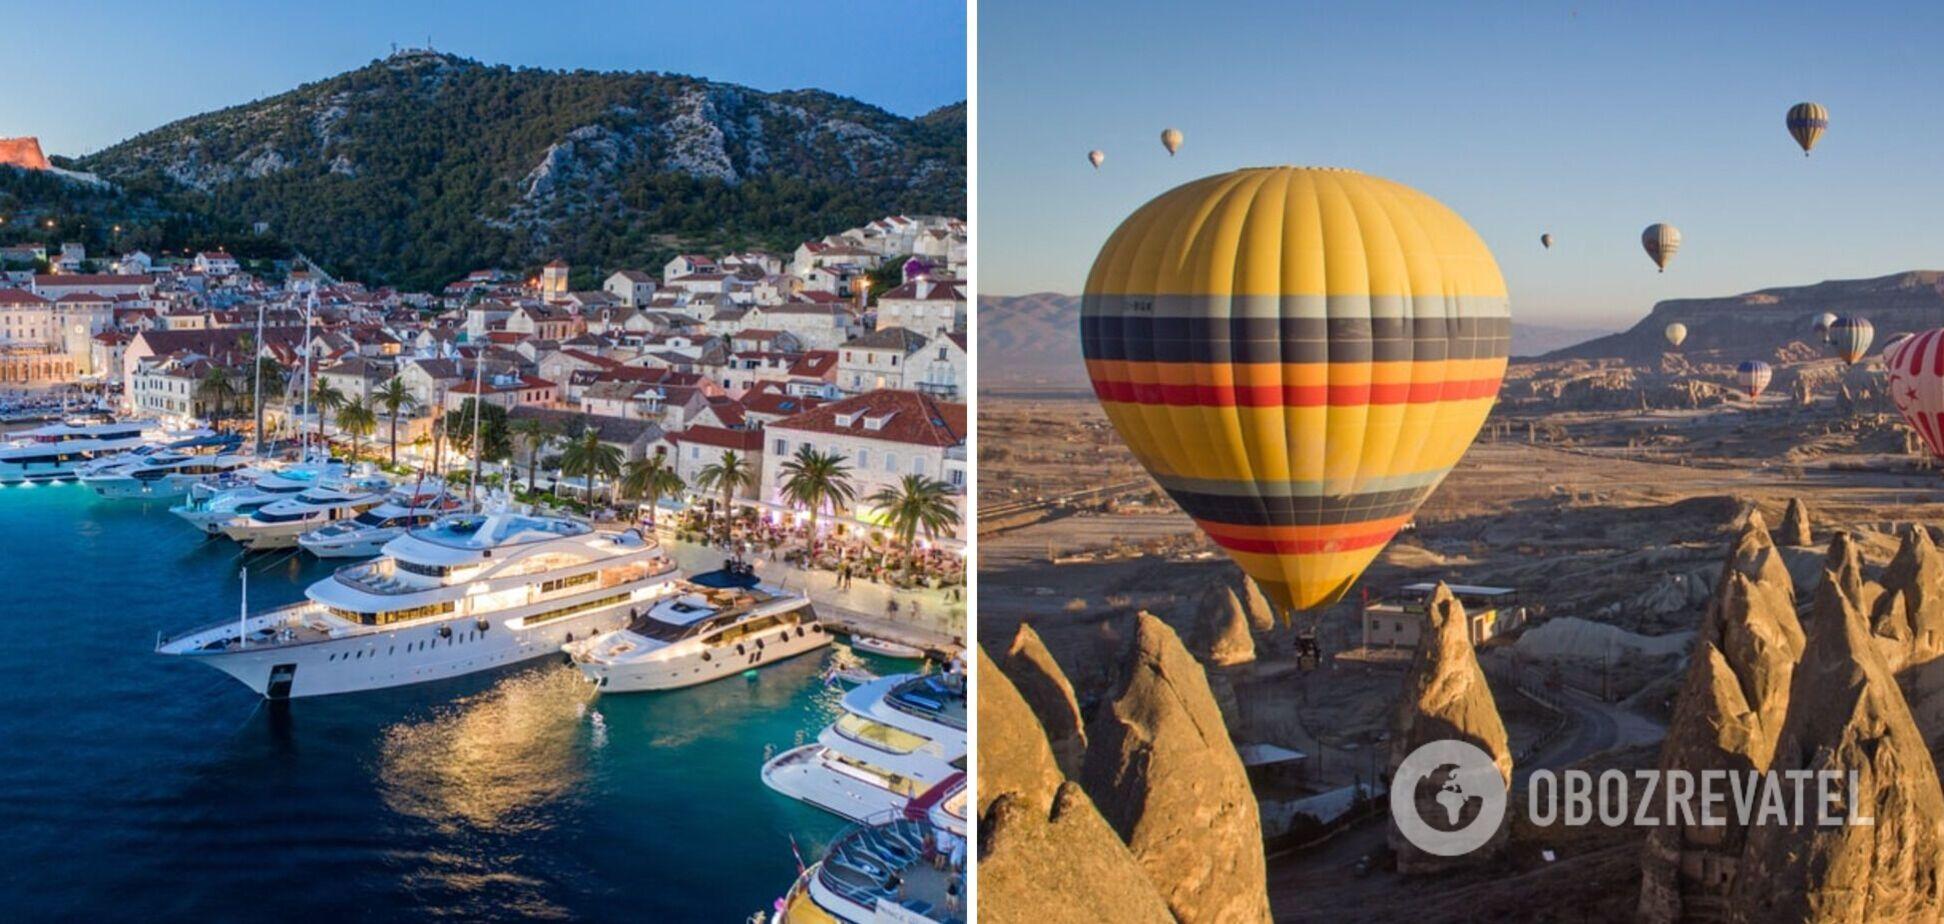 Хорватія чи Туреччина в жовтні: порівняння курортів, клімату, цін на житло й екскурсій